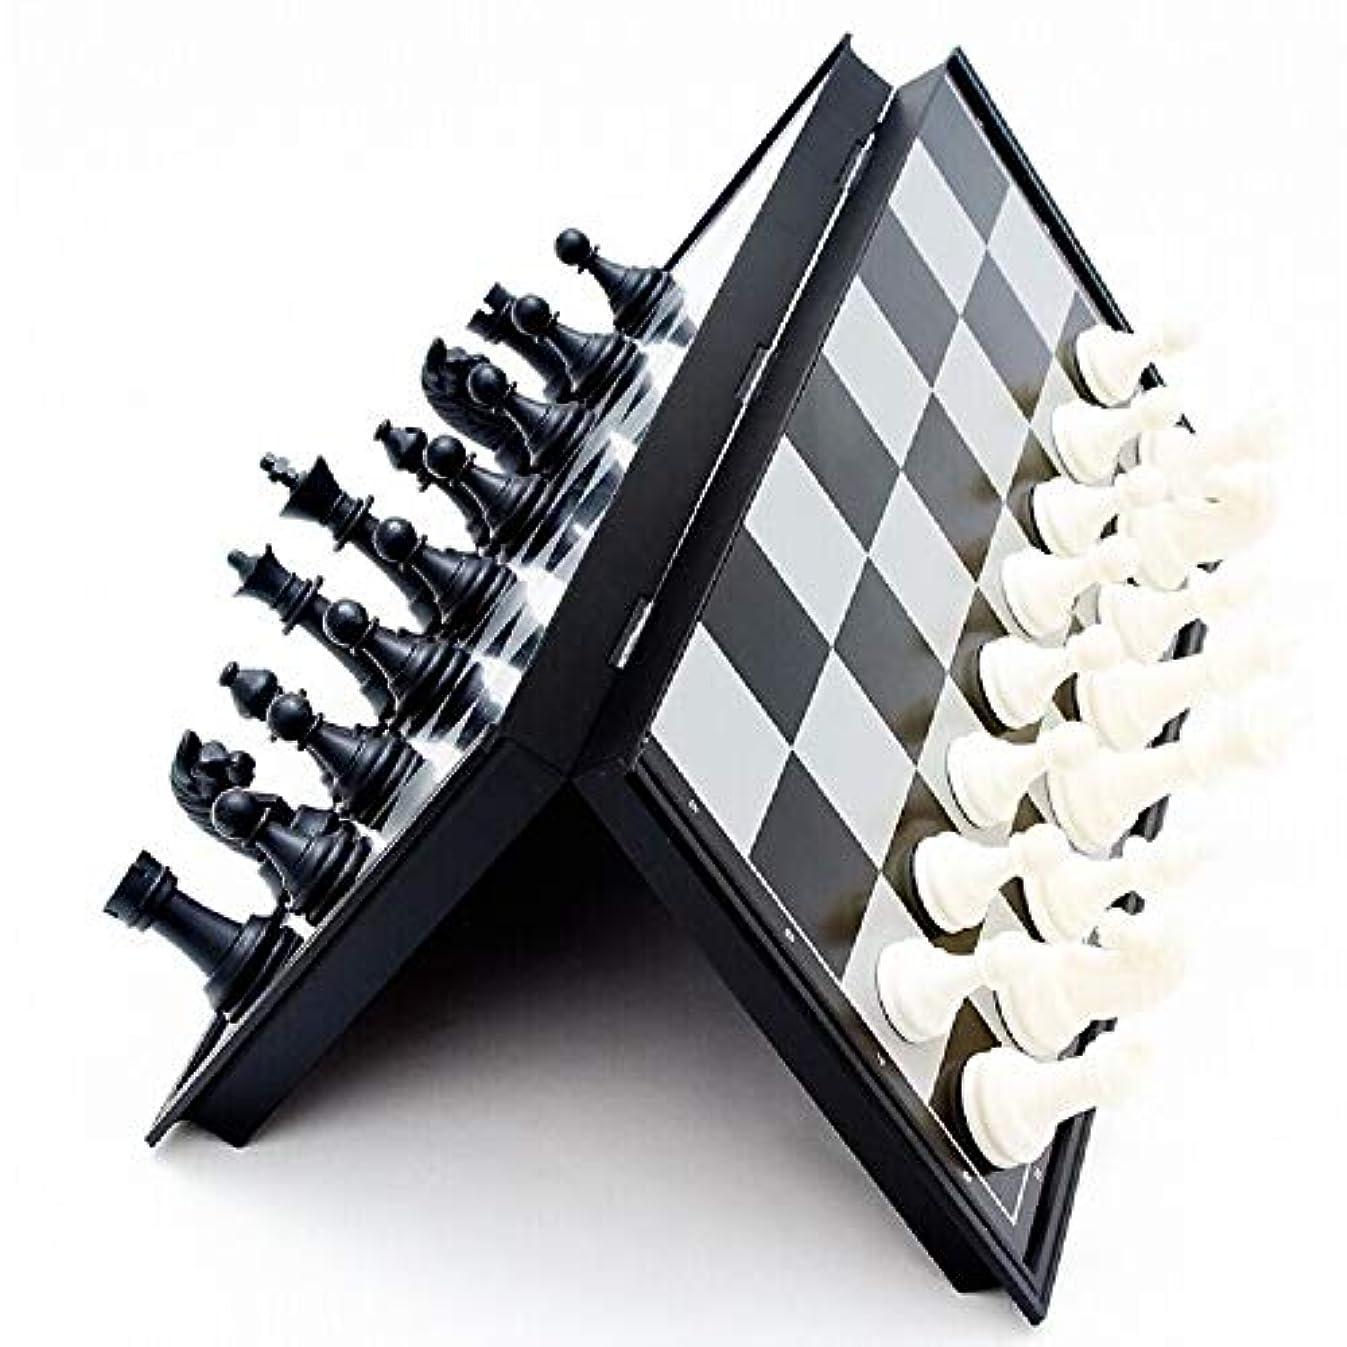 チェスセットインターナショナルチェスウッドエンターテイメントゲーム折りたたみボードマグネットチェスメン、子供用パズルゲーム ( Size : S )